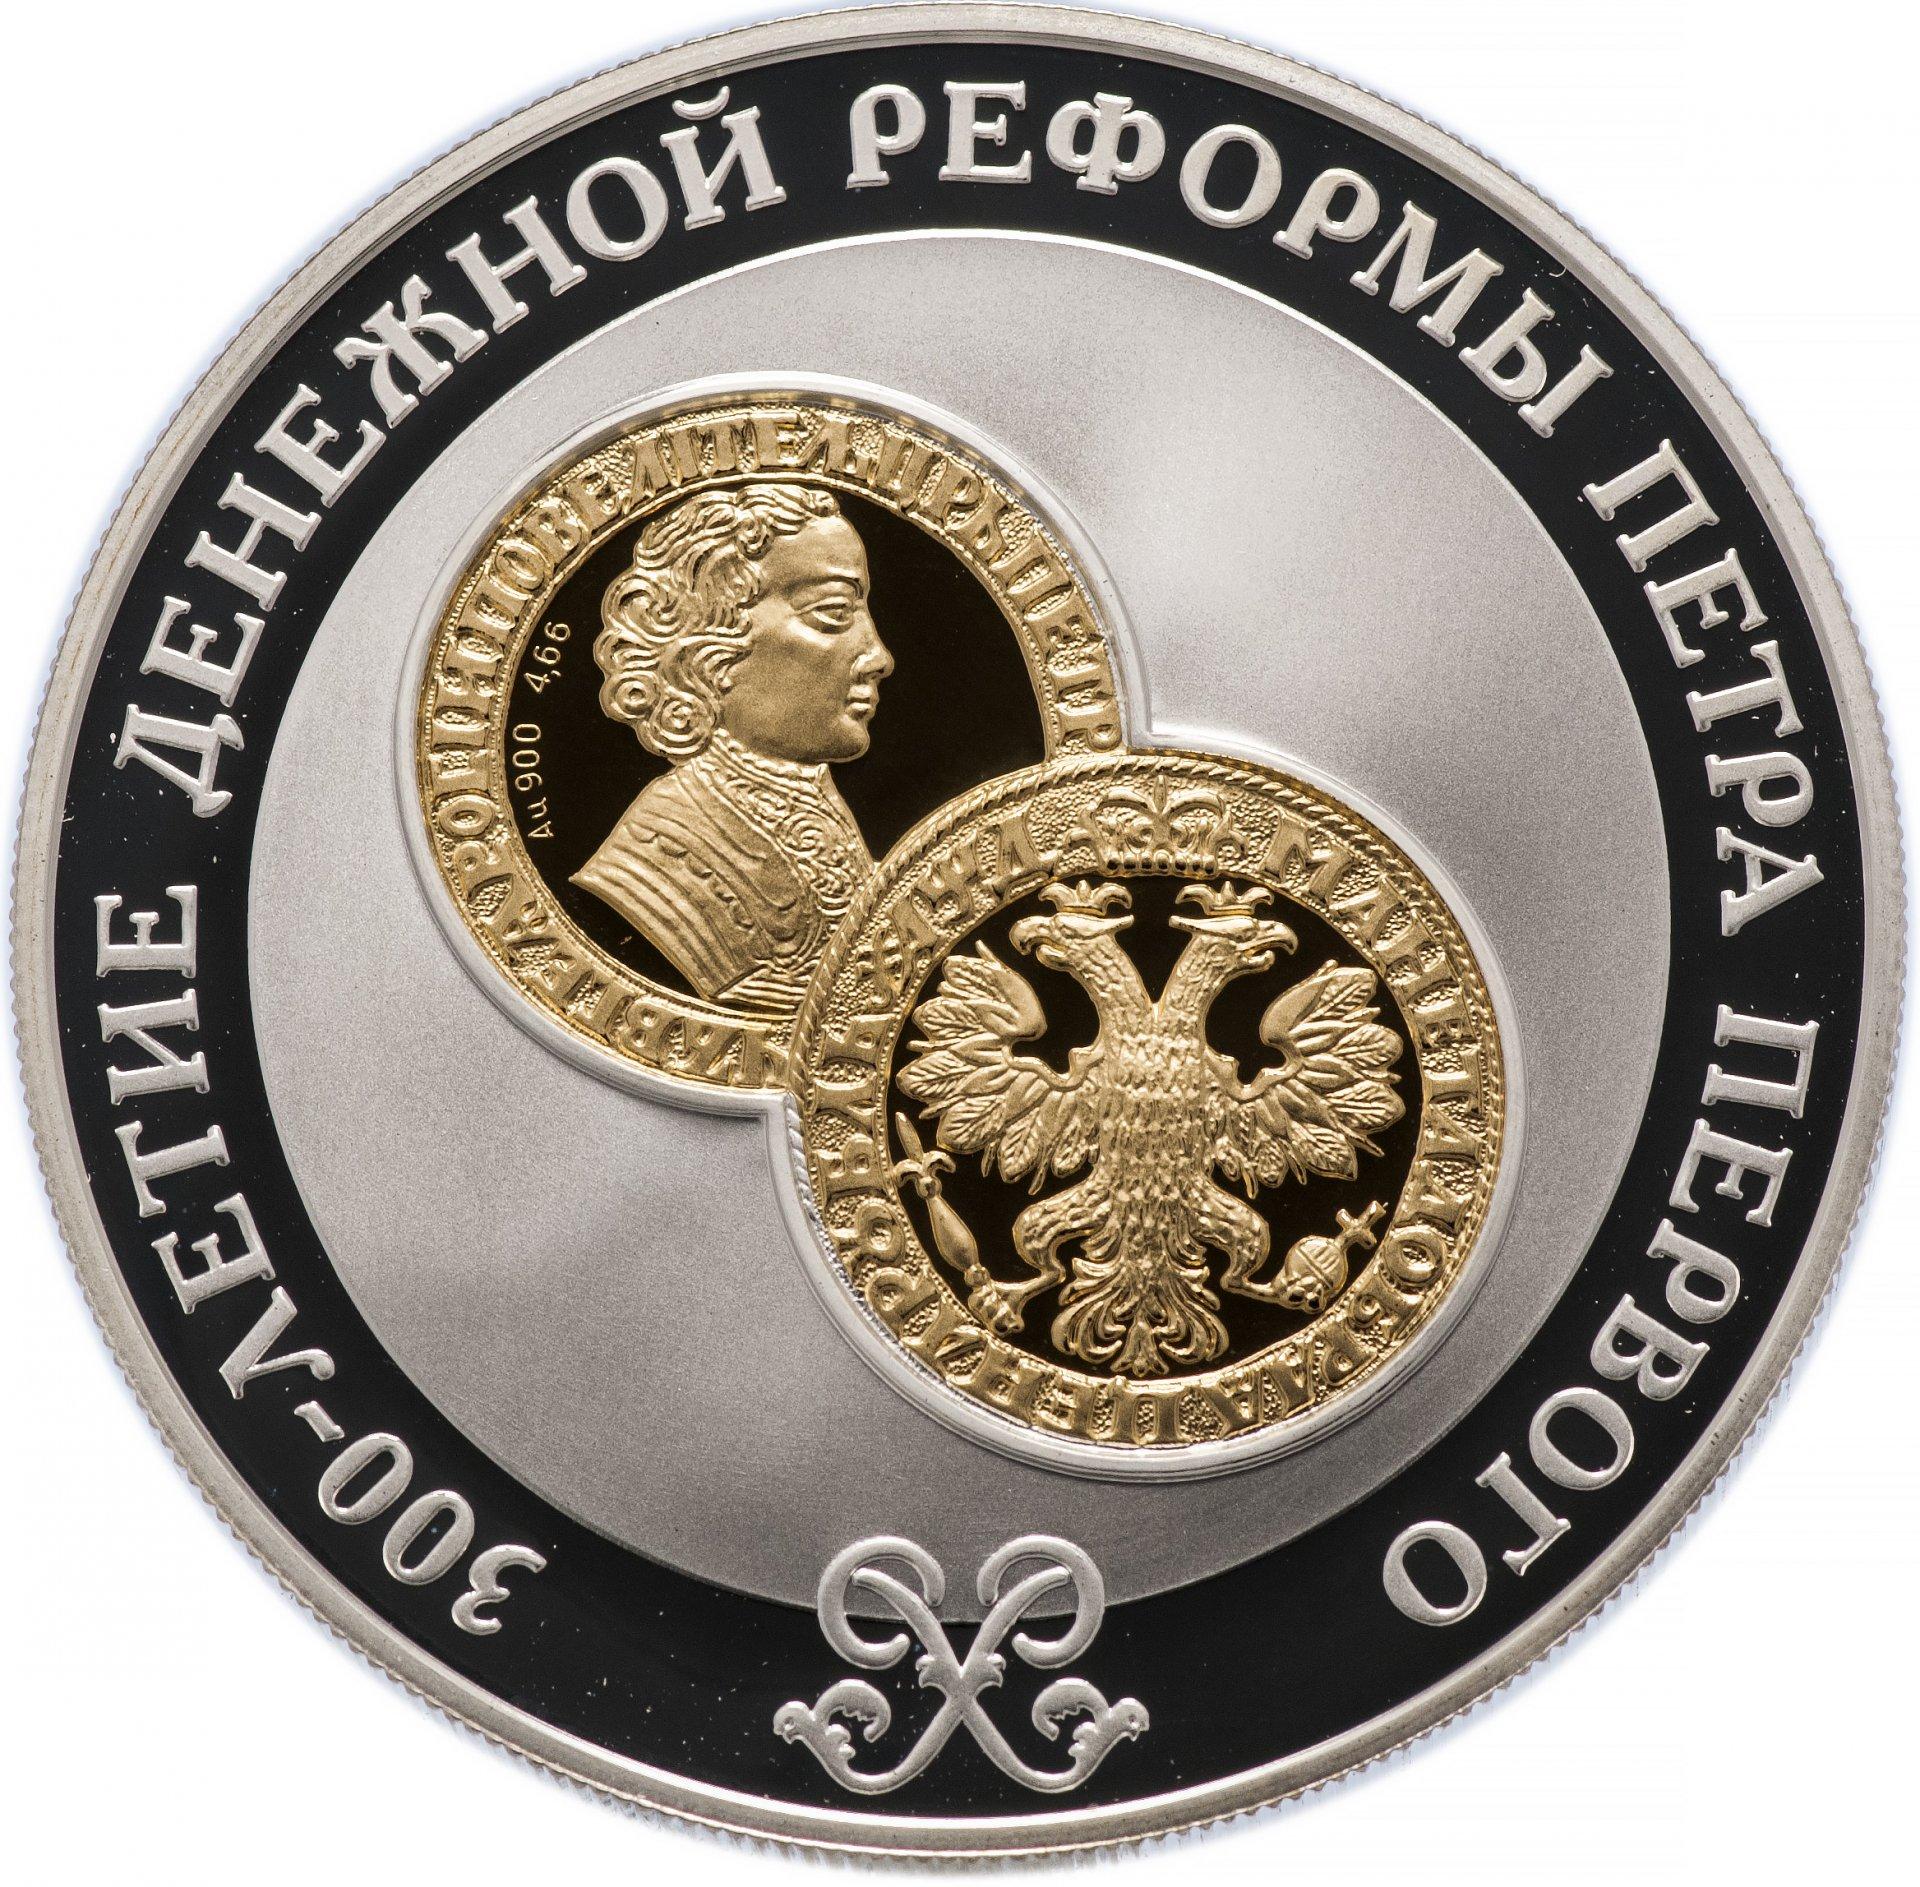 Купить монету25 рублей300 денежной реформе петро2004год польша злотый 1992 года